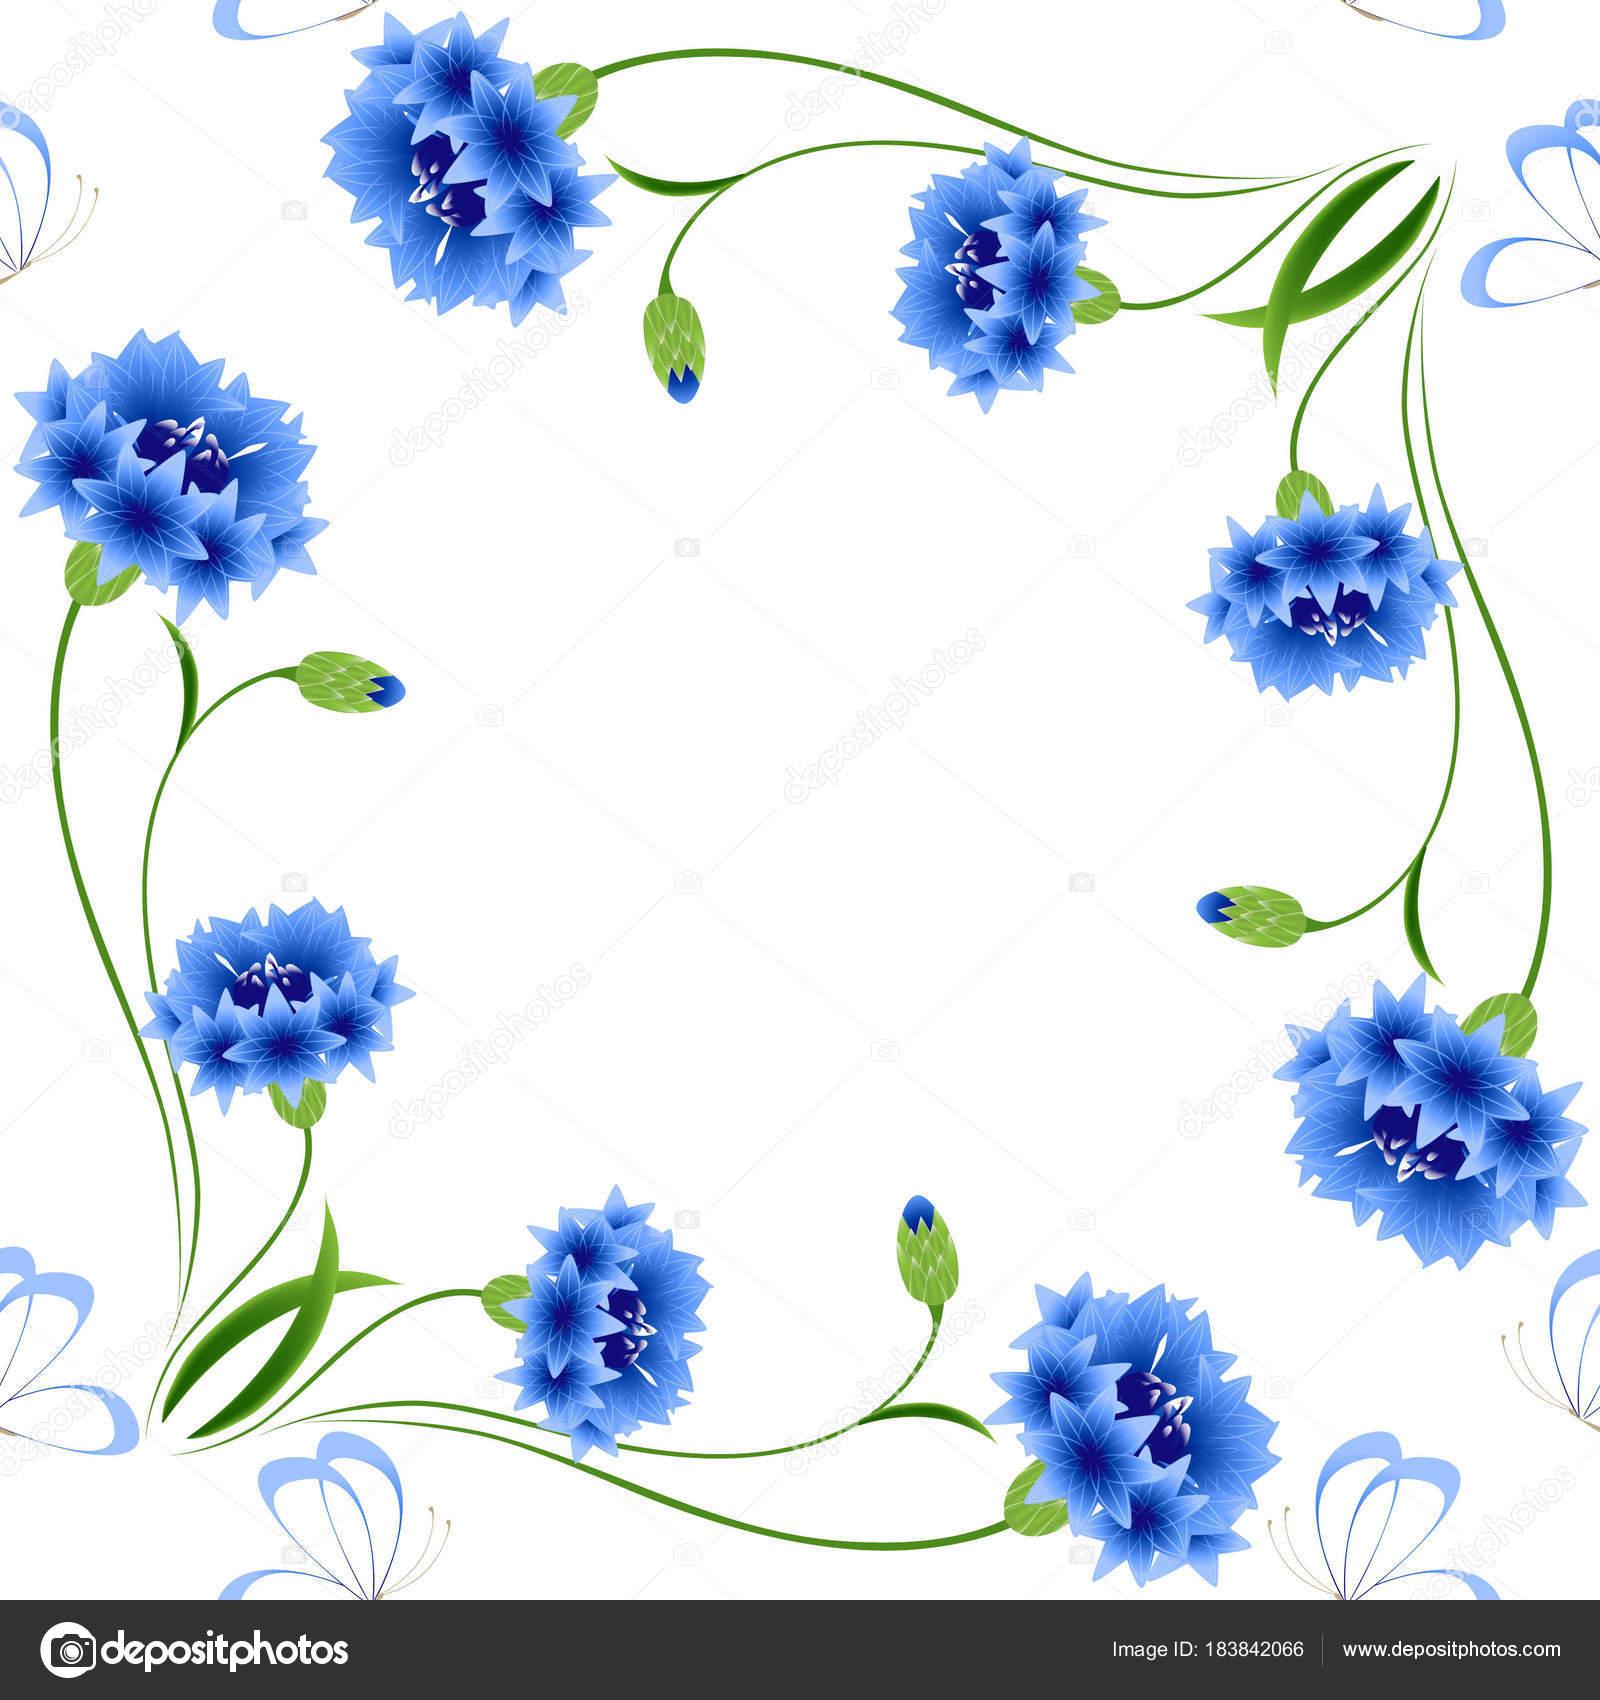 Голубые Кукурузные Цветы Бабочками Белом Фоне Бесшовный ...